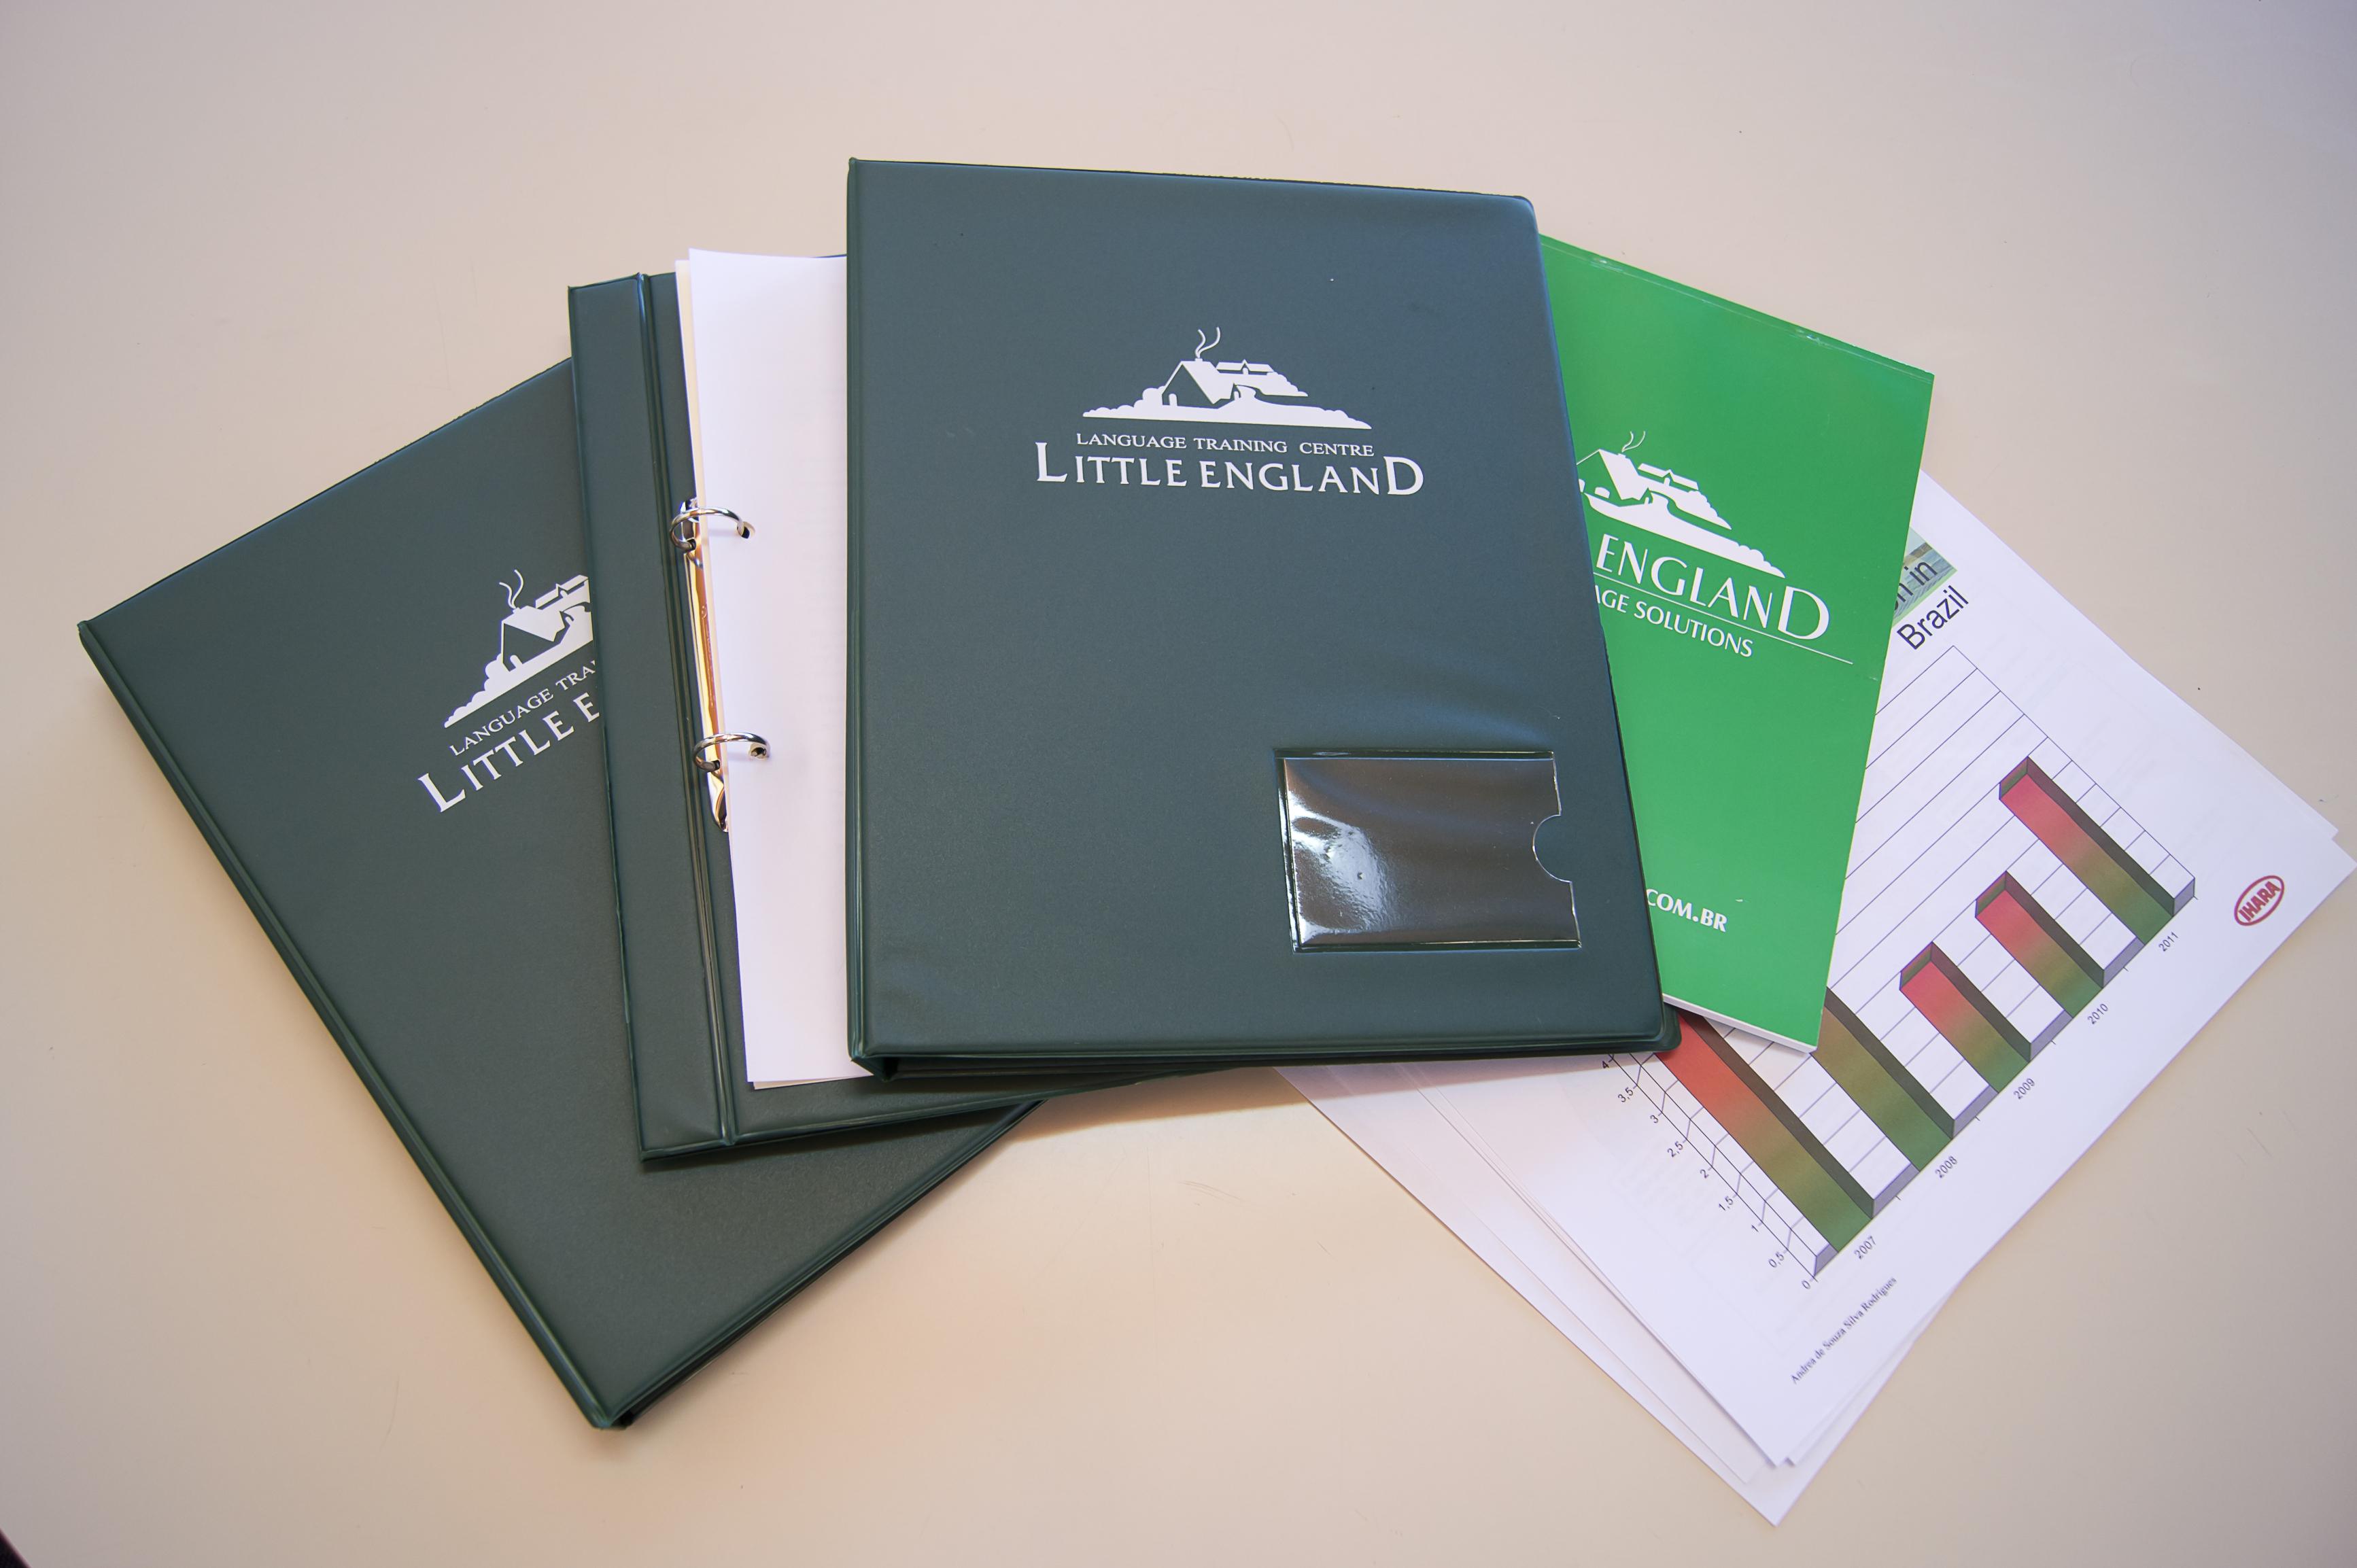 Little-England-133.jpg